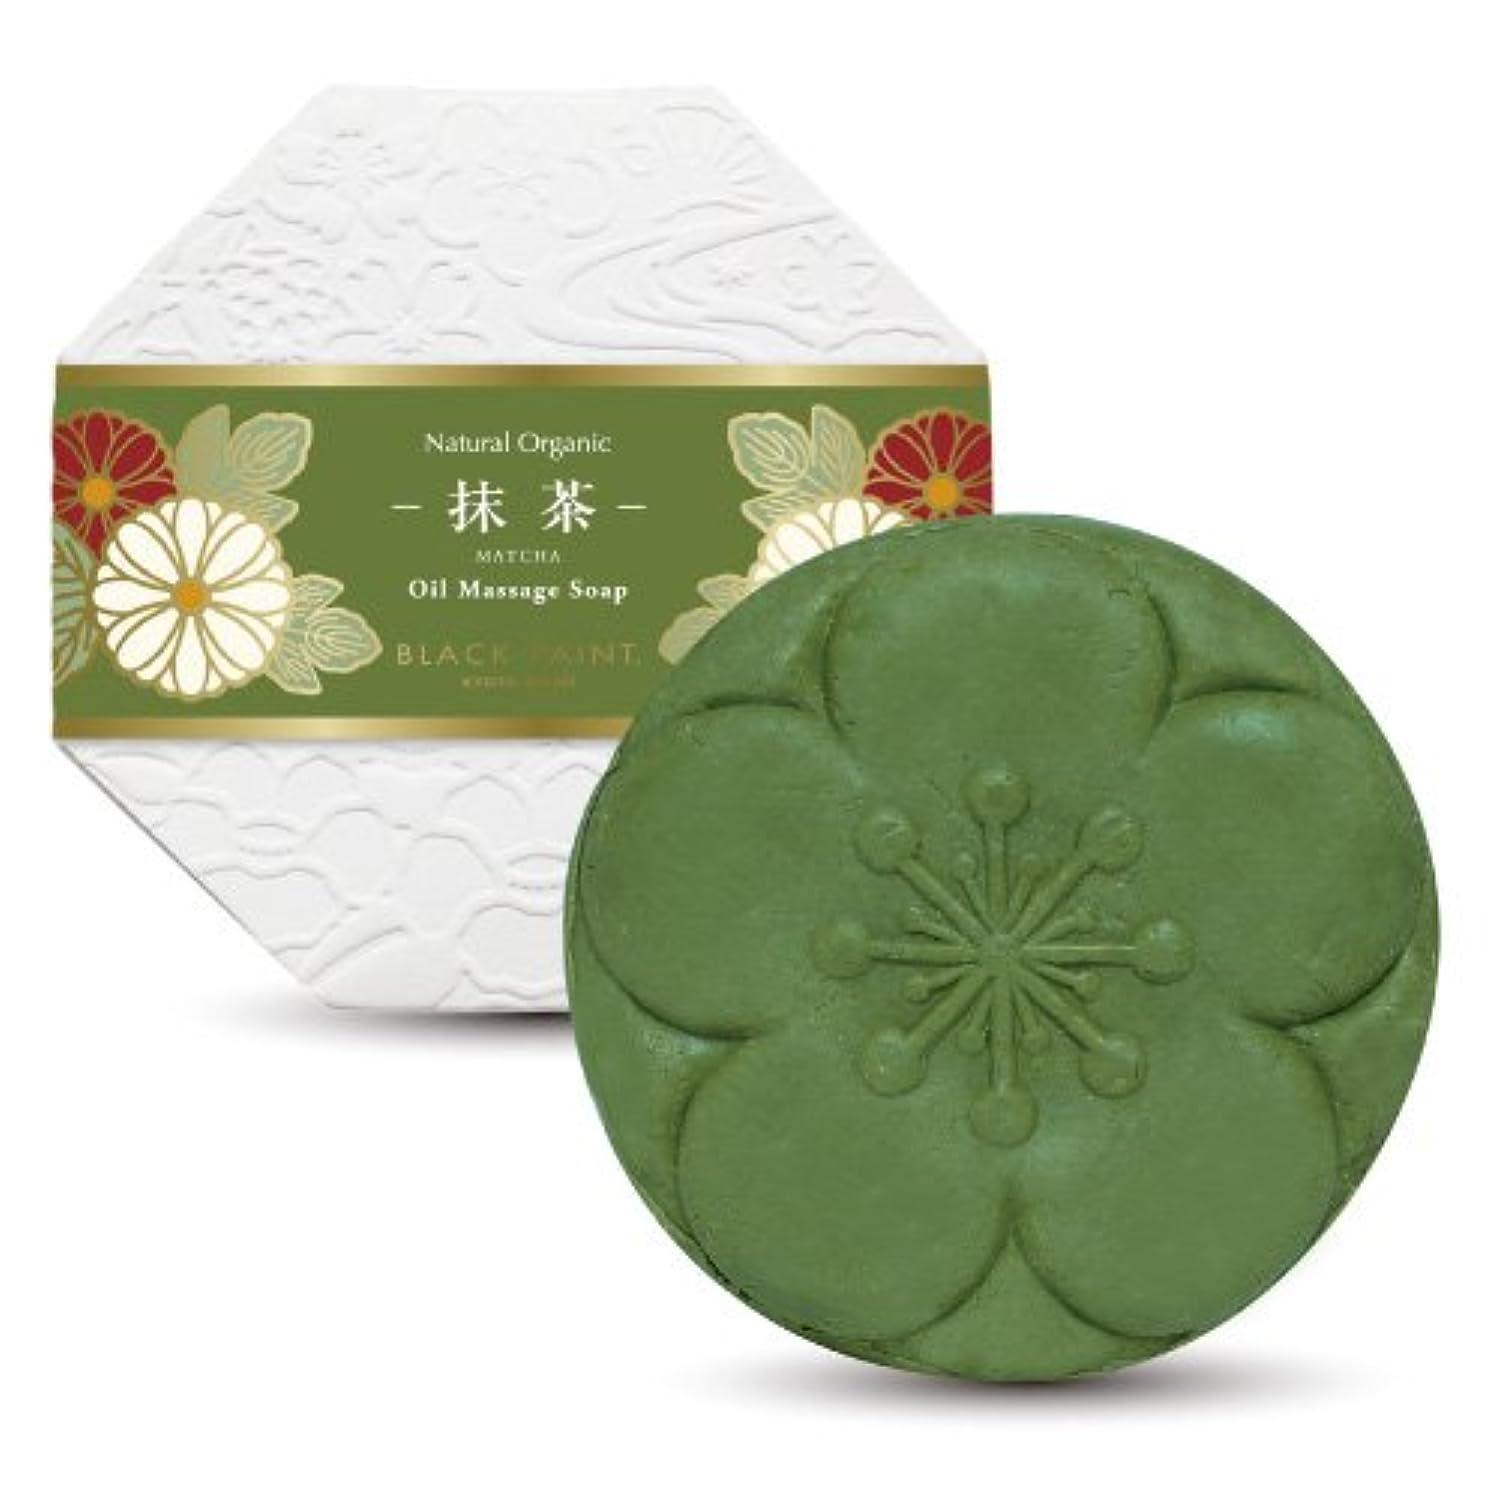 束薄めるジェット京のお茶石鹸 抹茶 120g 塗る石鹸